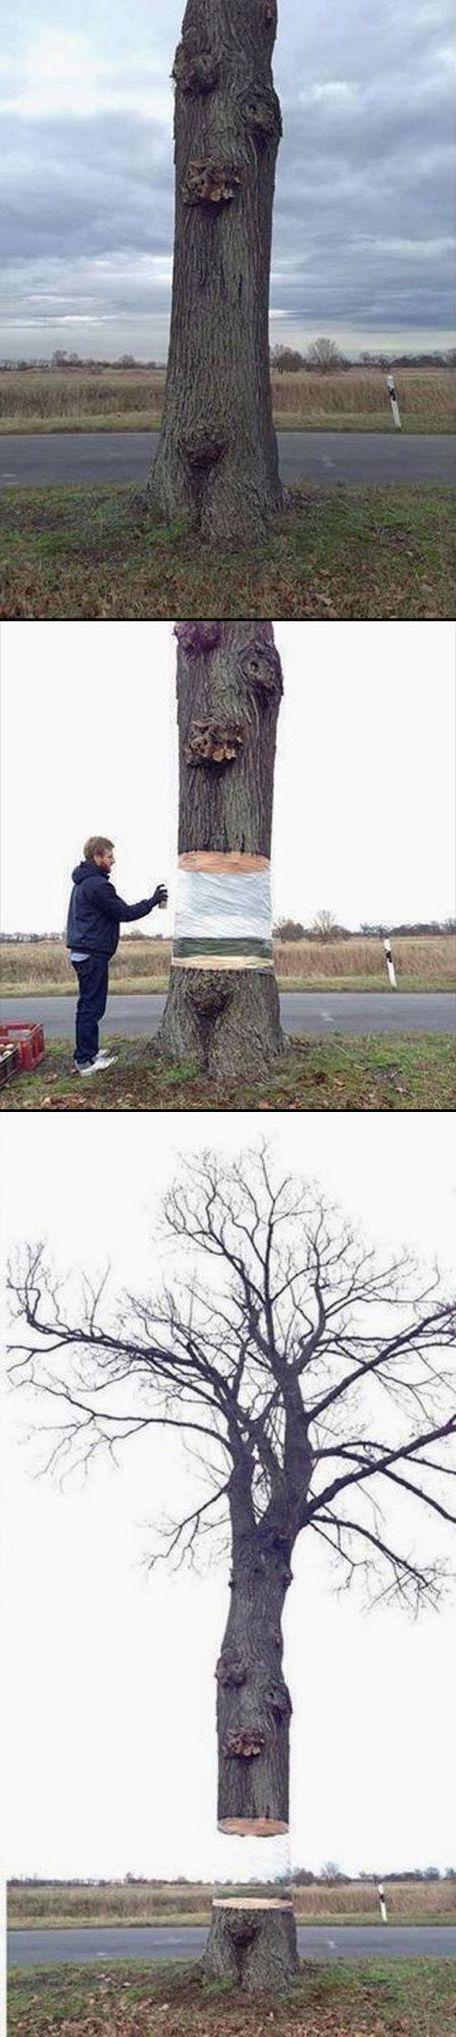 Iseng-isengnya seorang seniman emang beda, pohon tersebut cuma di lukis menyerupai background belakangnya tapi kaya transparan ya hasilnya